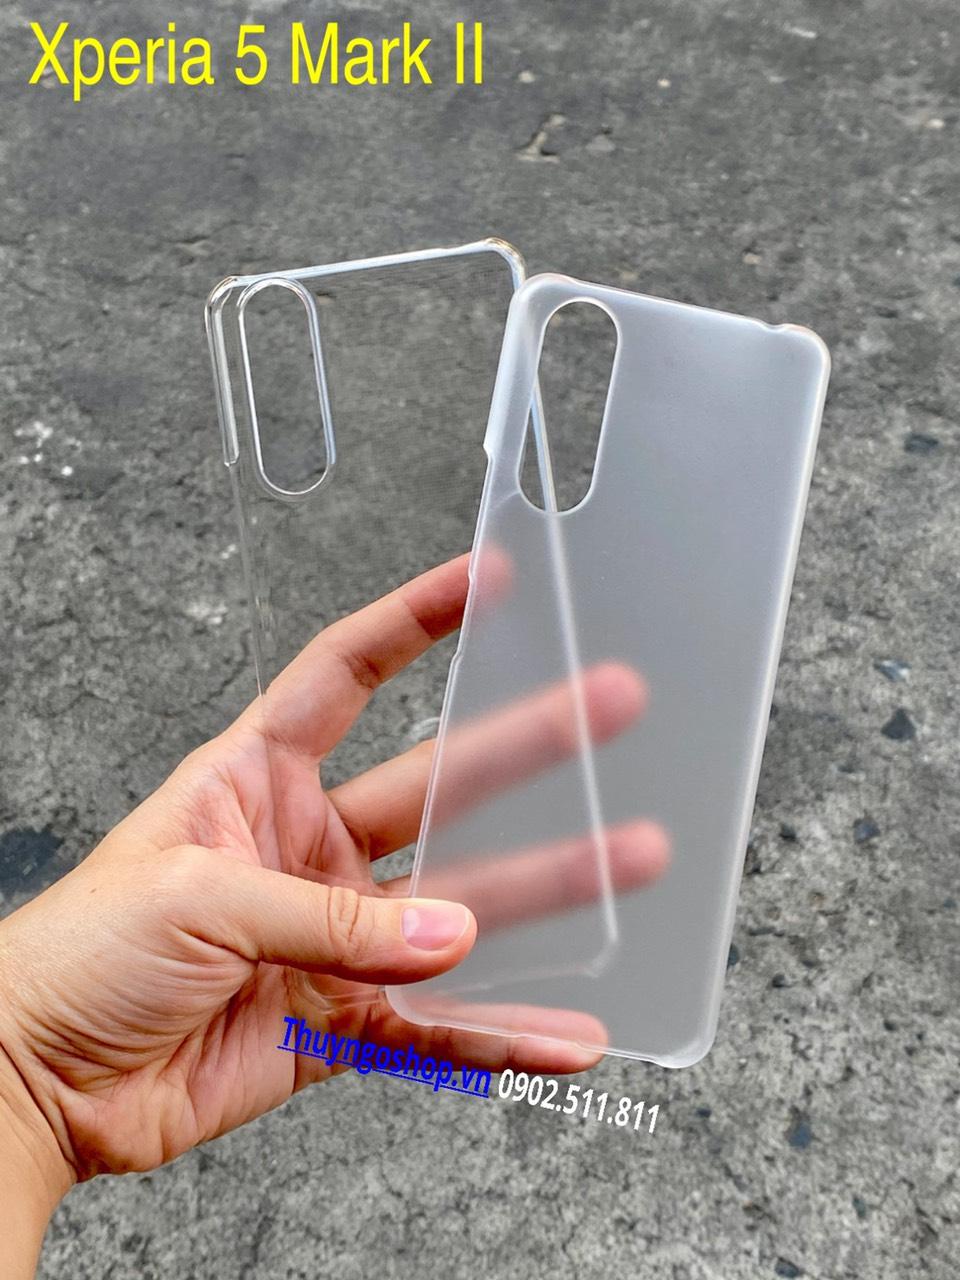 Sony Xperia 5 - Xperia 5 Mark II - Ốp cứng siêu trong suốt / Mờ chống vân tay